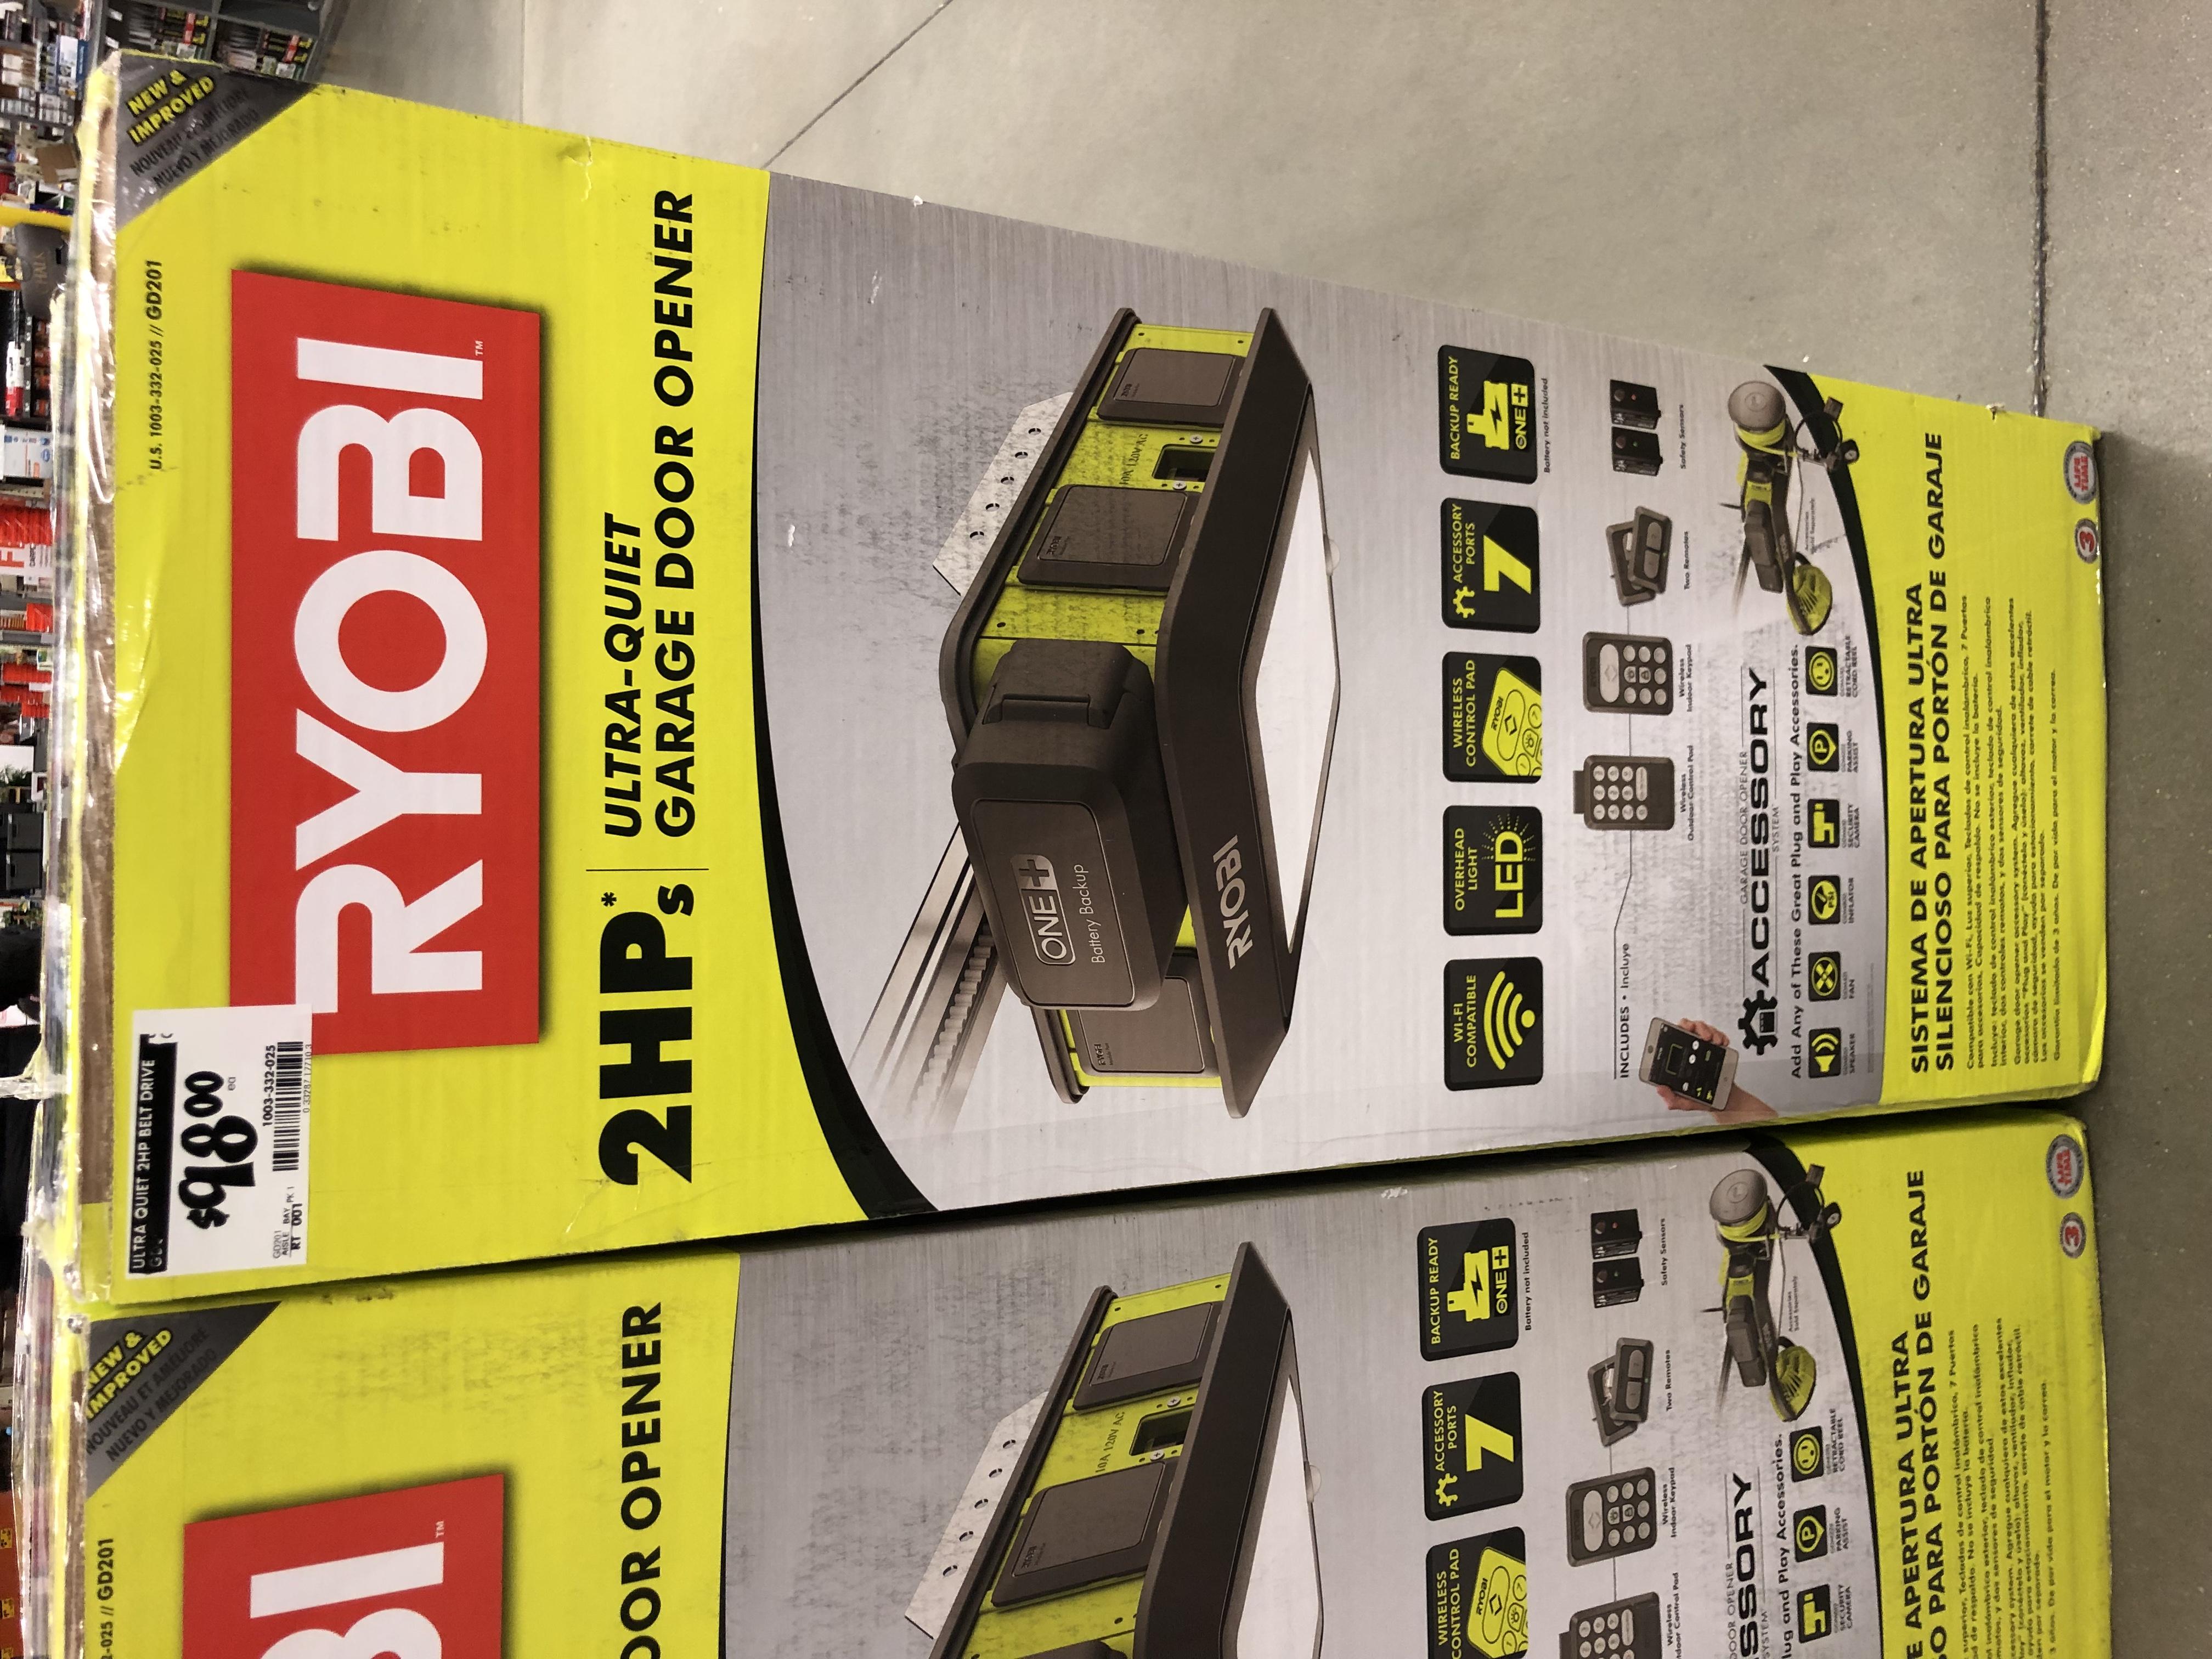 Ryobi Ultra-Quiet 2 HP Belt Drive Garage Door Opener - IN STORE ONLY Home Depot $98 *YMMV Deal*